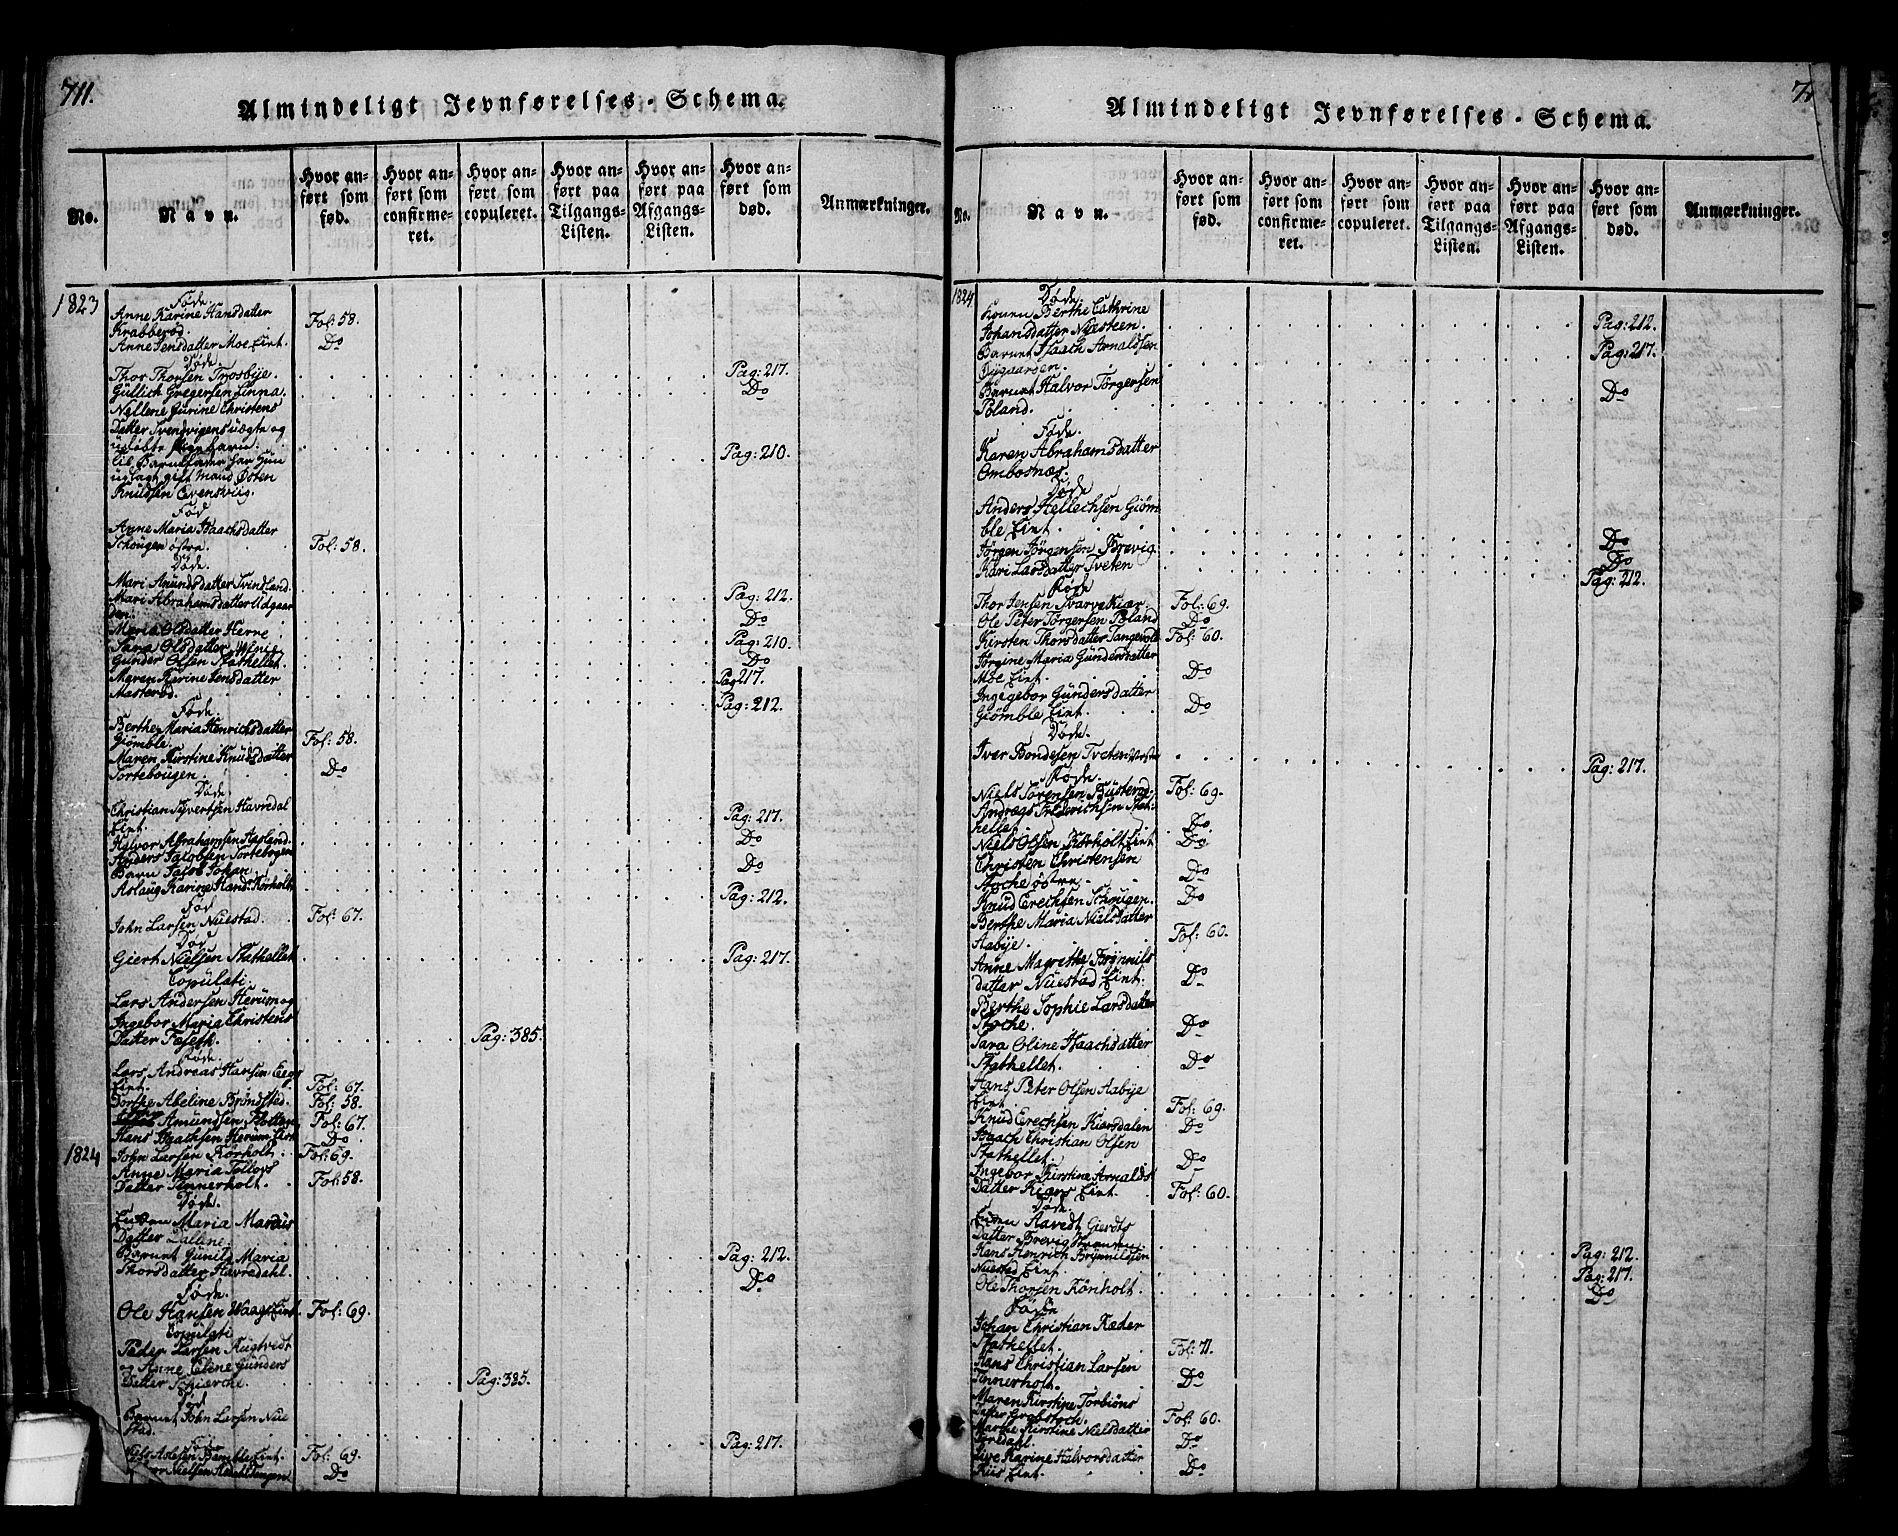 SAKO, Bamble kirkebøker, G/Ga/L0005: Klokkerbok nr. I 5, 1814-1855, s. 711-712